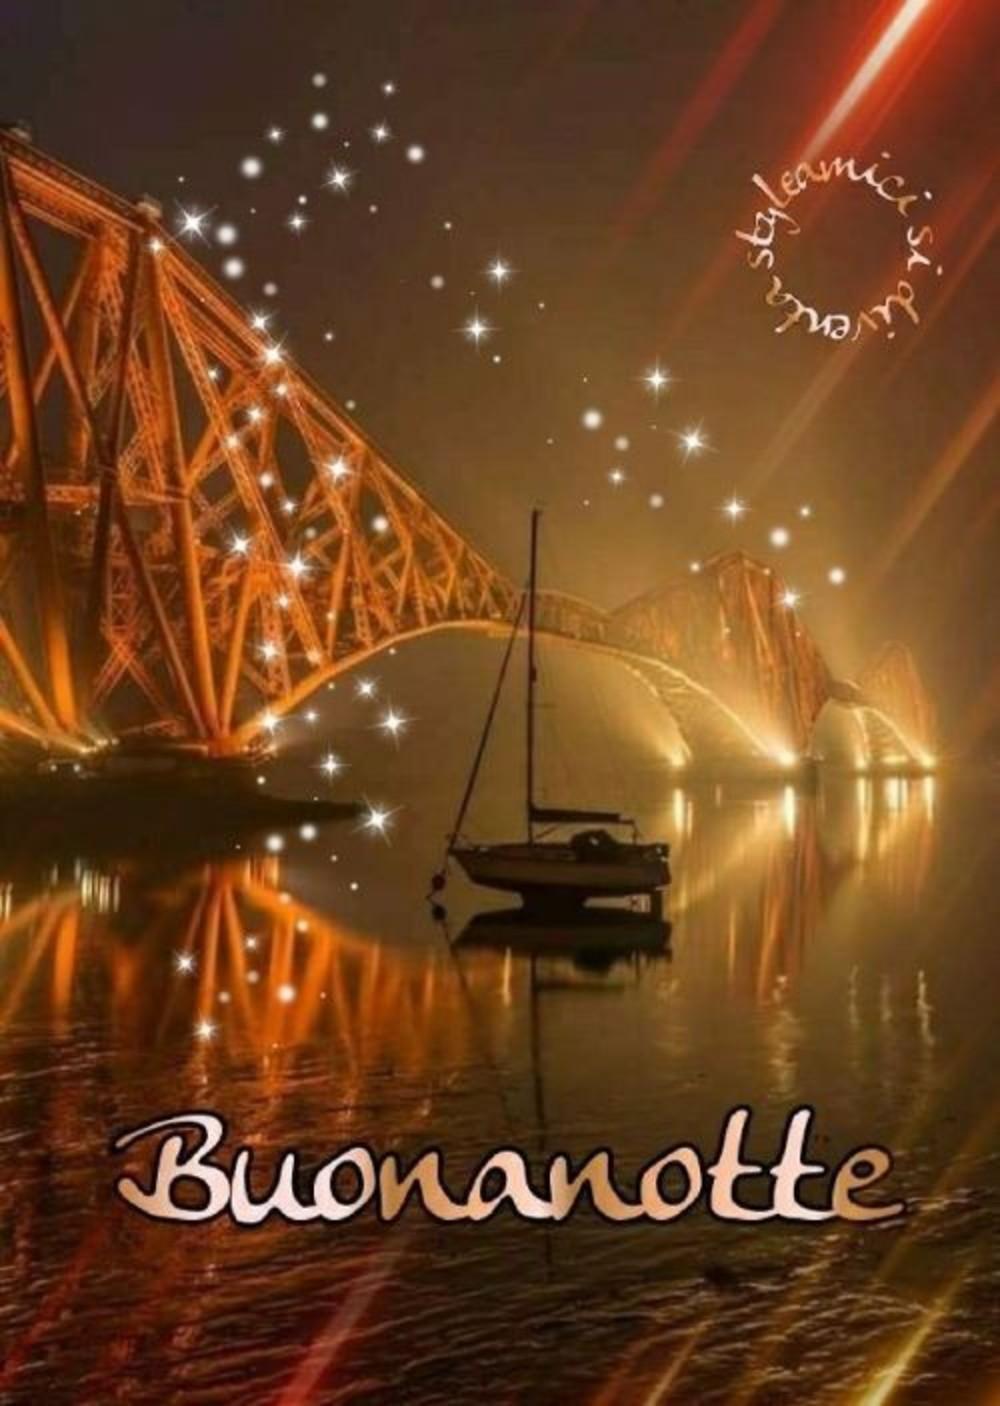 Belle Immagini Buonanotte Favolose Archives Buongiornocolsorriso It